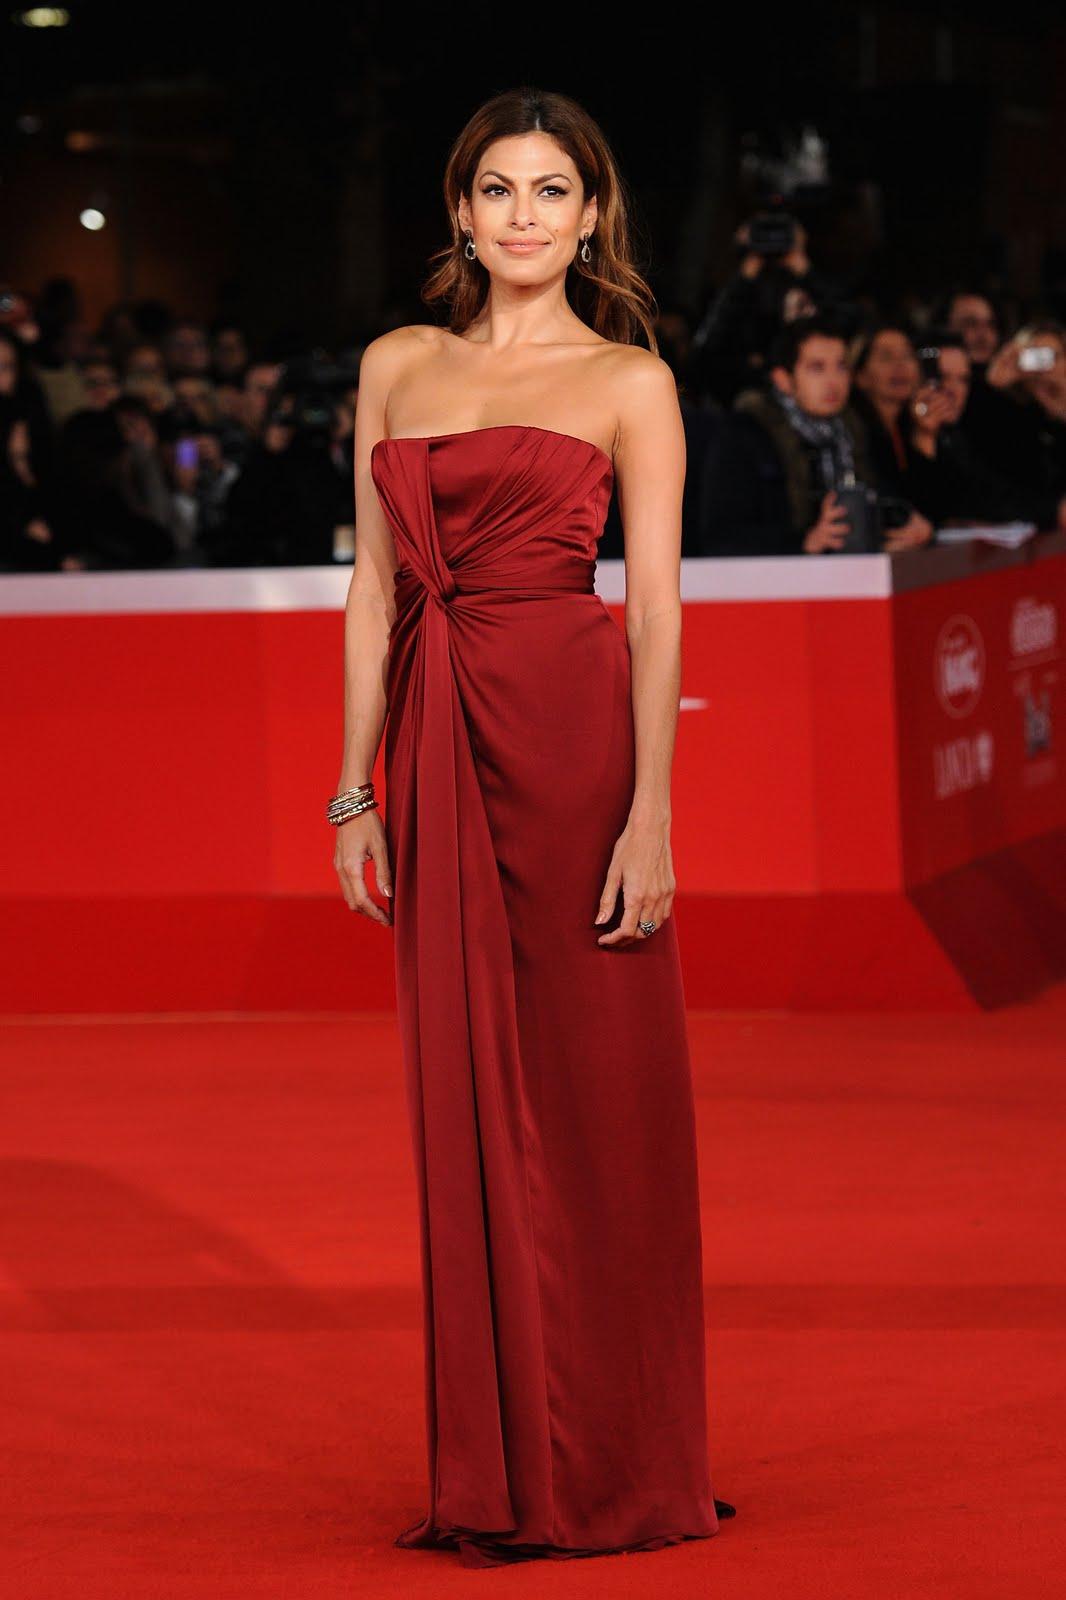 http://2.bp.blogspot.com/_4ujpR8vDILE/TNNC7DCUciI/AAAAAAAAABA/PrT7pLFyQYM/s1600/Eva+Red+Dress.jpg